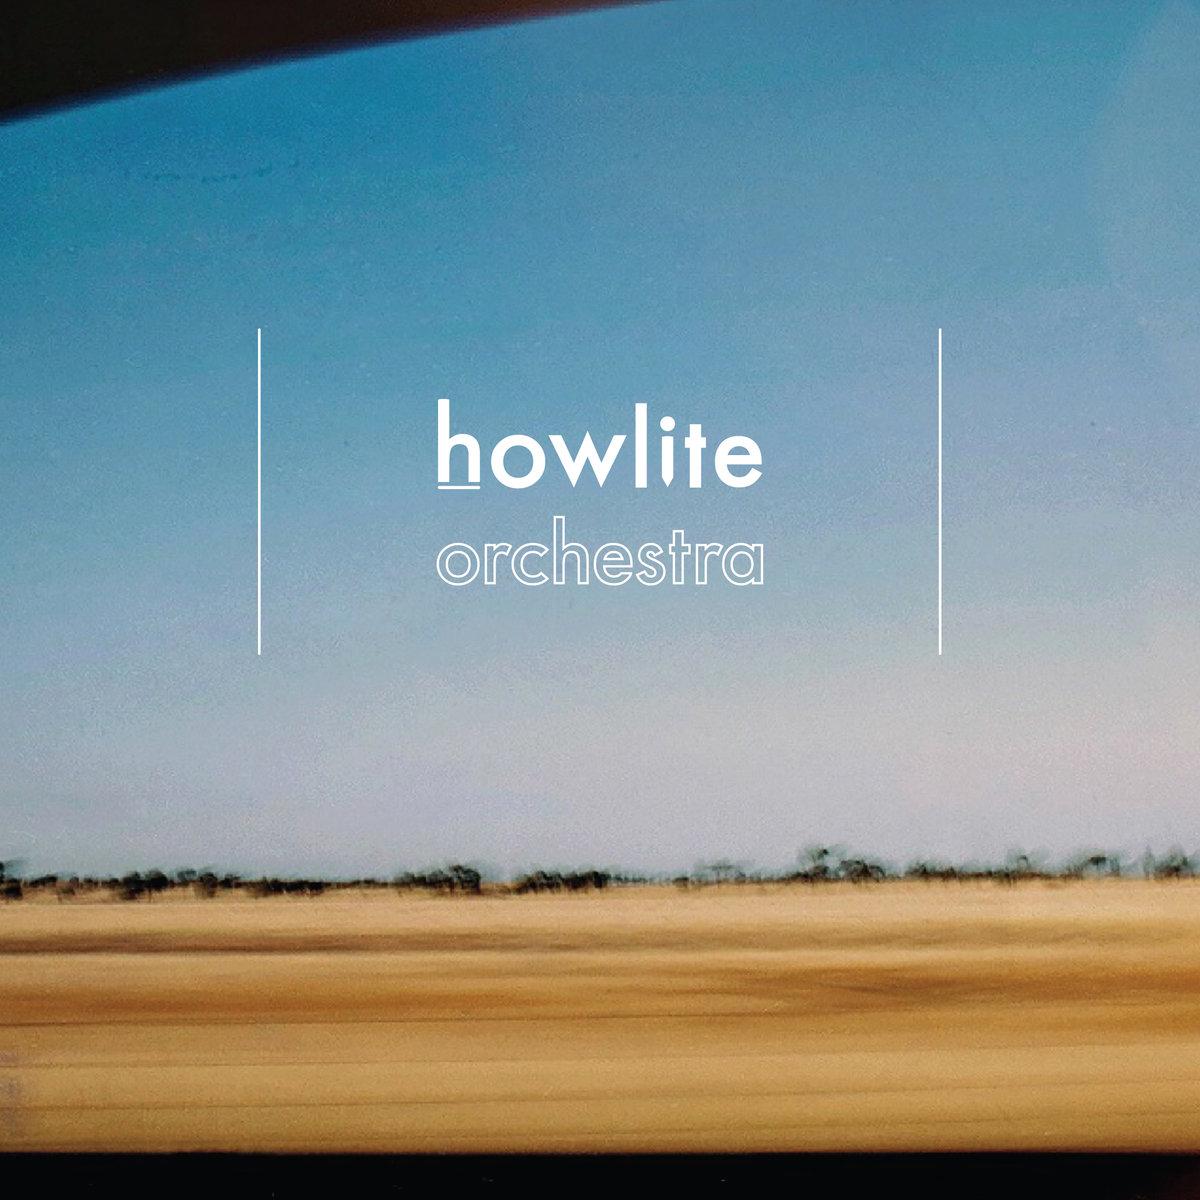 Howlite Orchestra